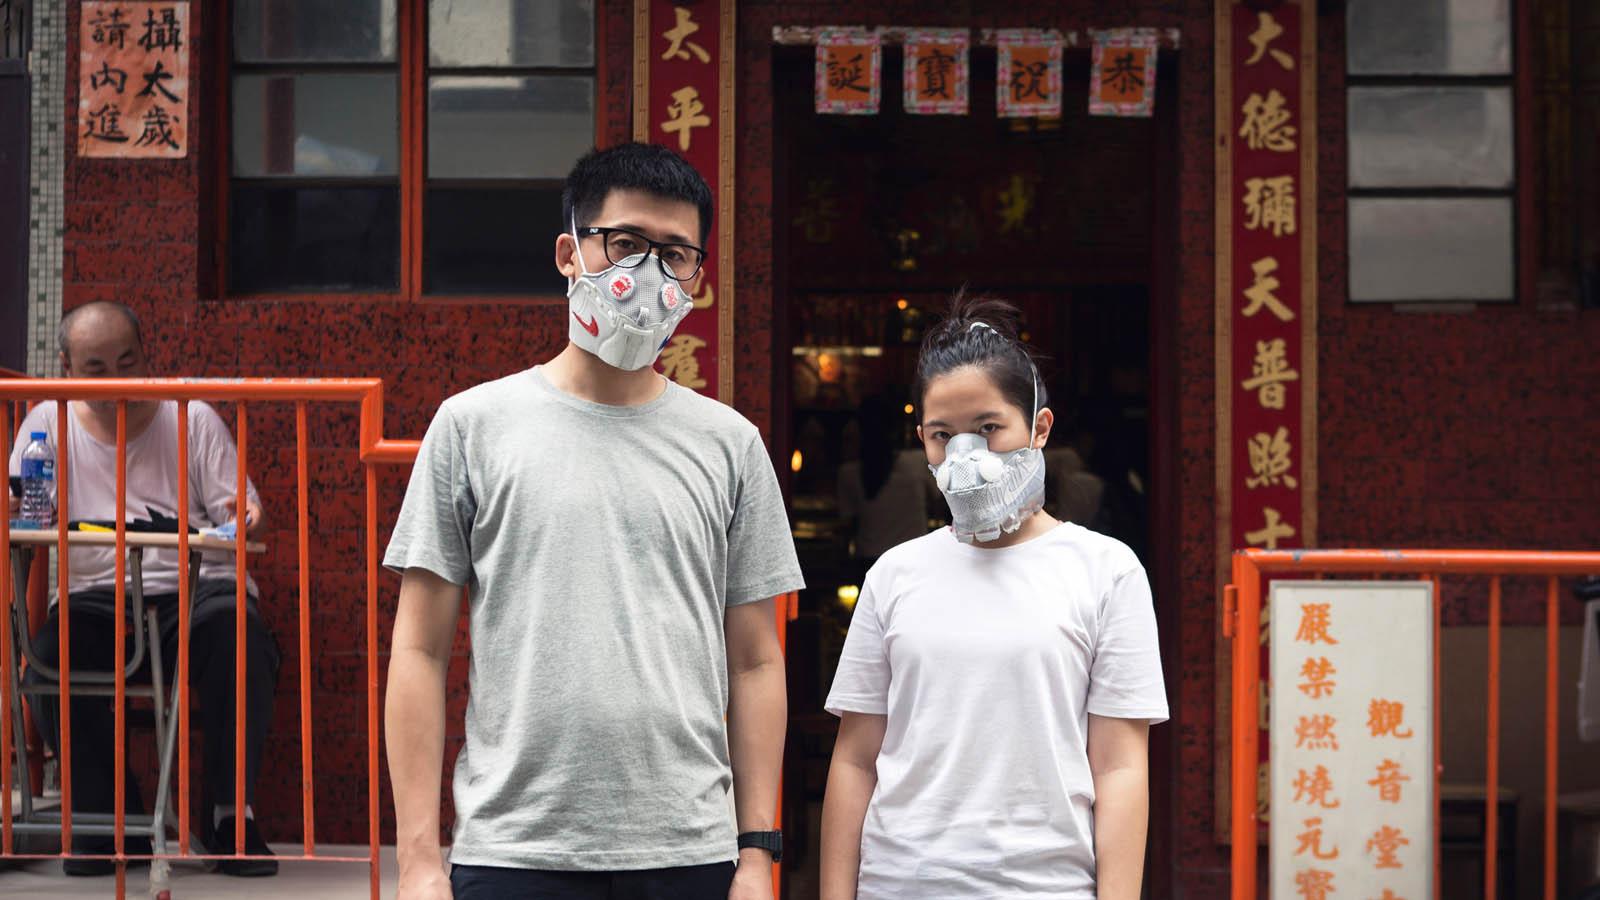 Zhijun Wang & Aria Duan